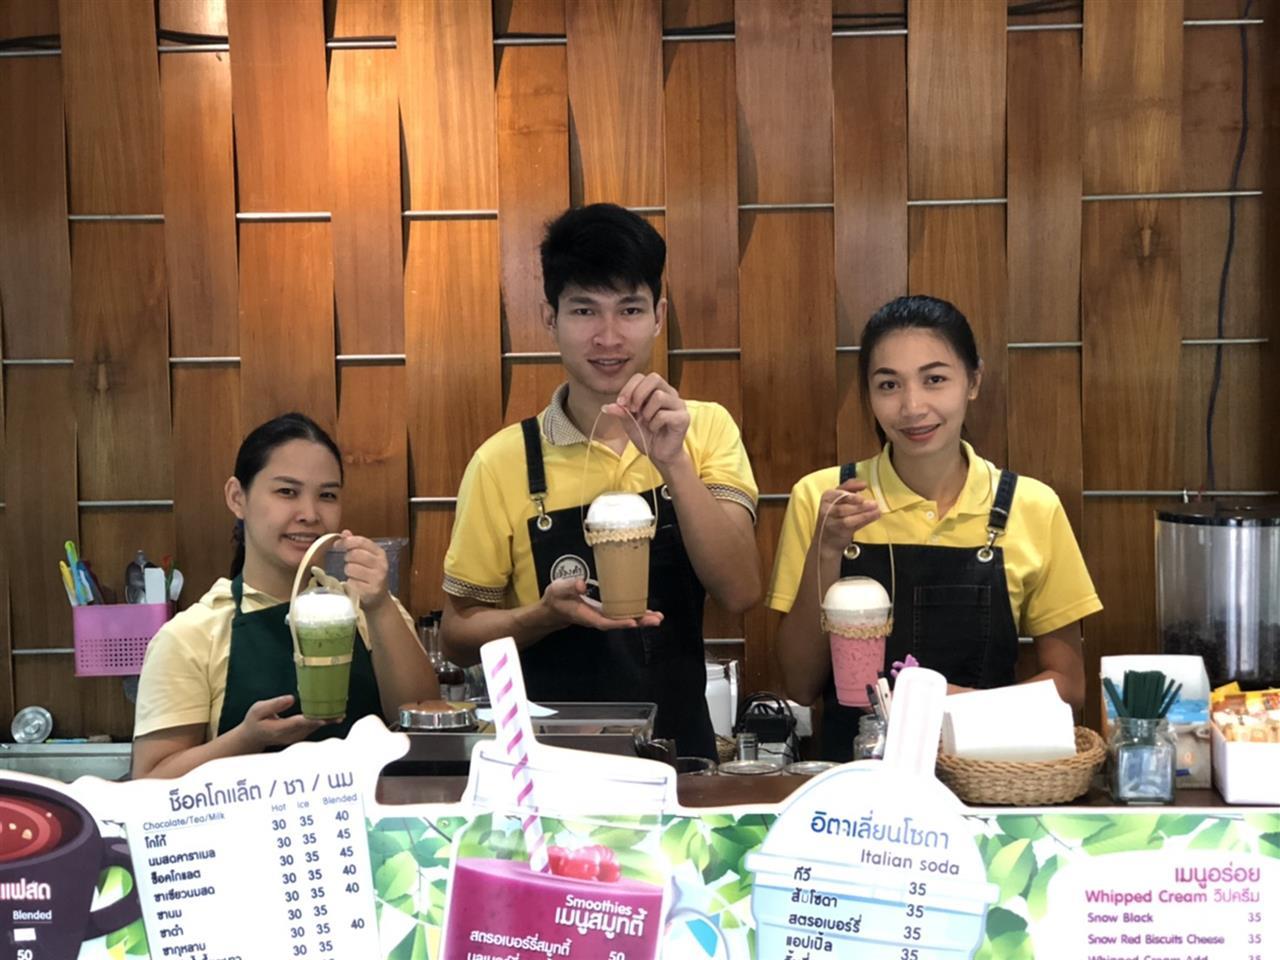 ร้านกาแฟ ม.พะเยา ผุดไอเดีย ใช้หูหิ้วไม้ไผ่ ลดการใช้พลาสติกในมหาวิทยาลัย